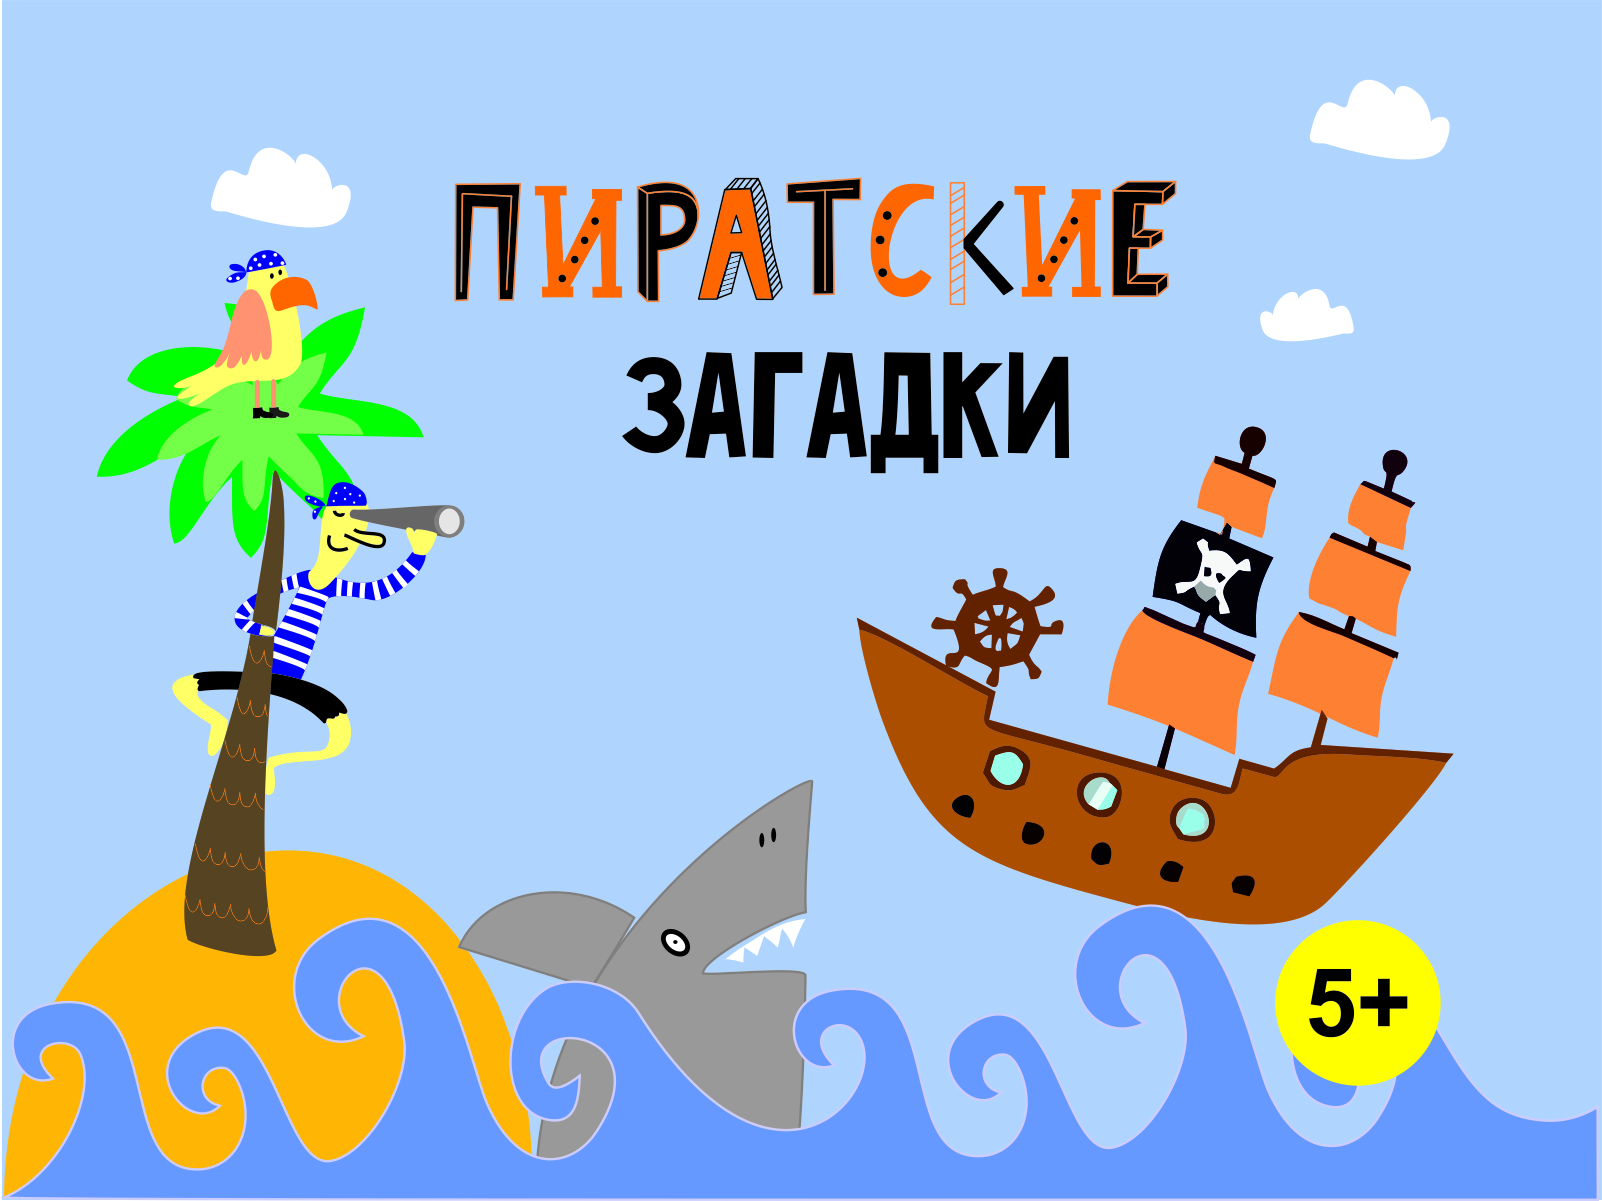 выхода пиратский ребус картинки припаркованной иномарки